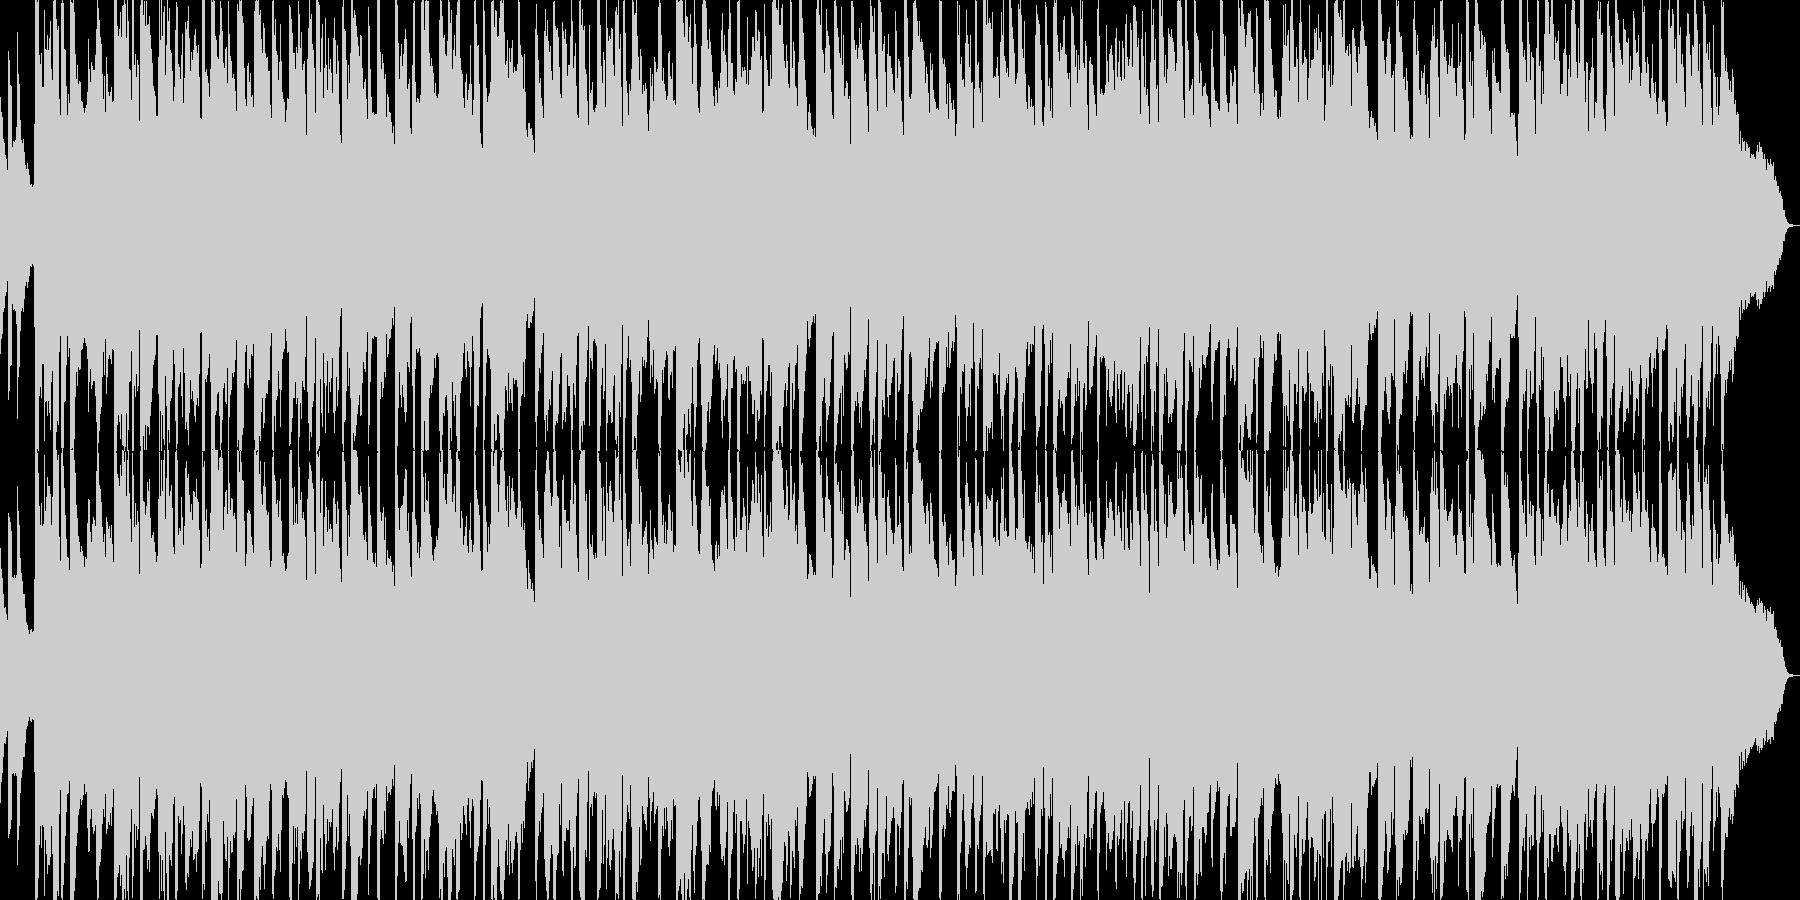 ギターとベースが絡むドラマティックBGMの未再生の波形